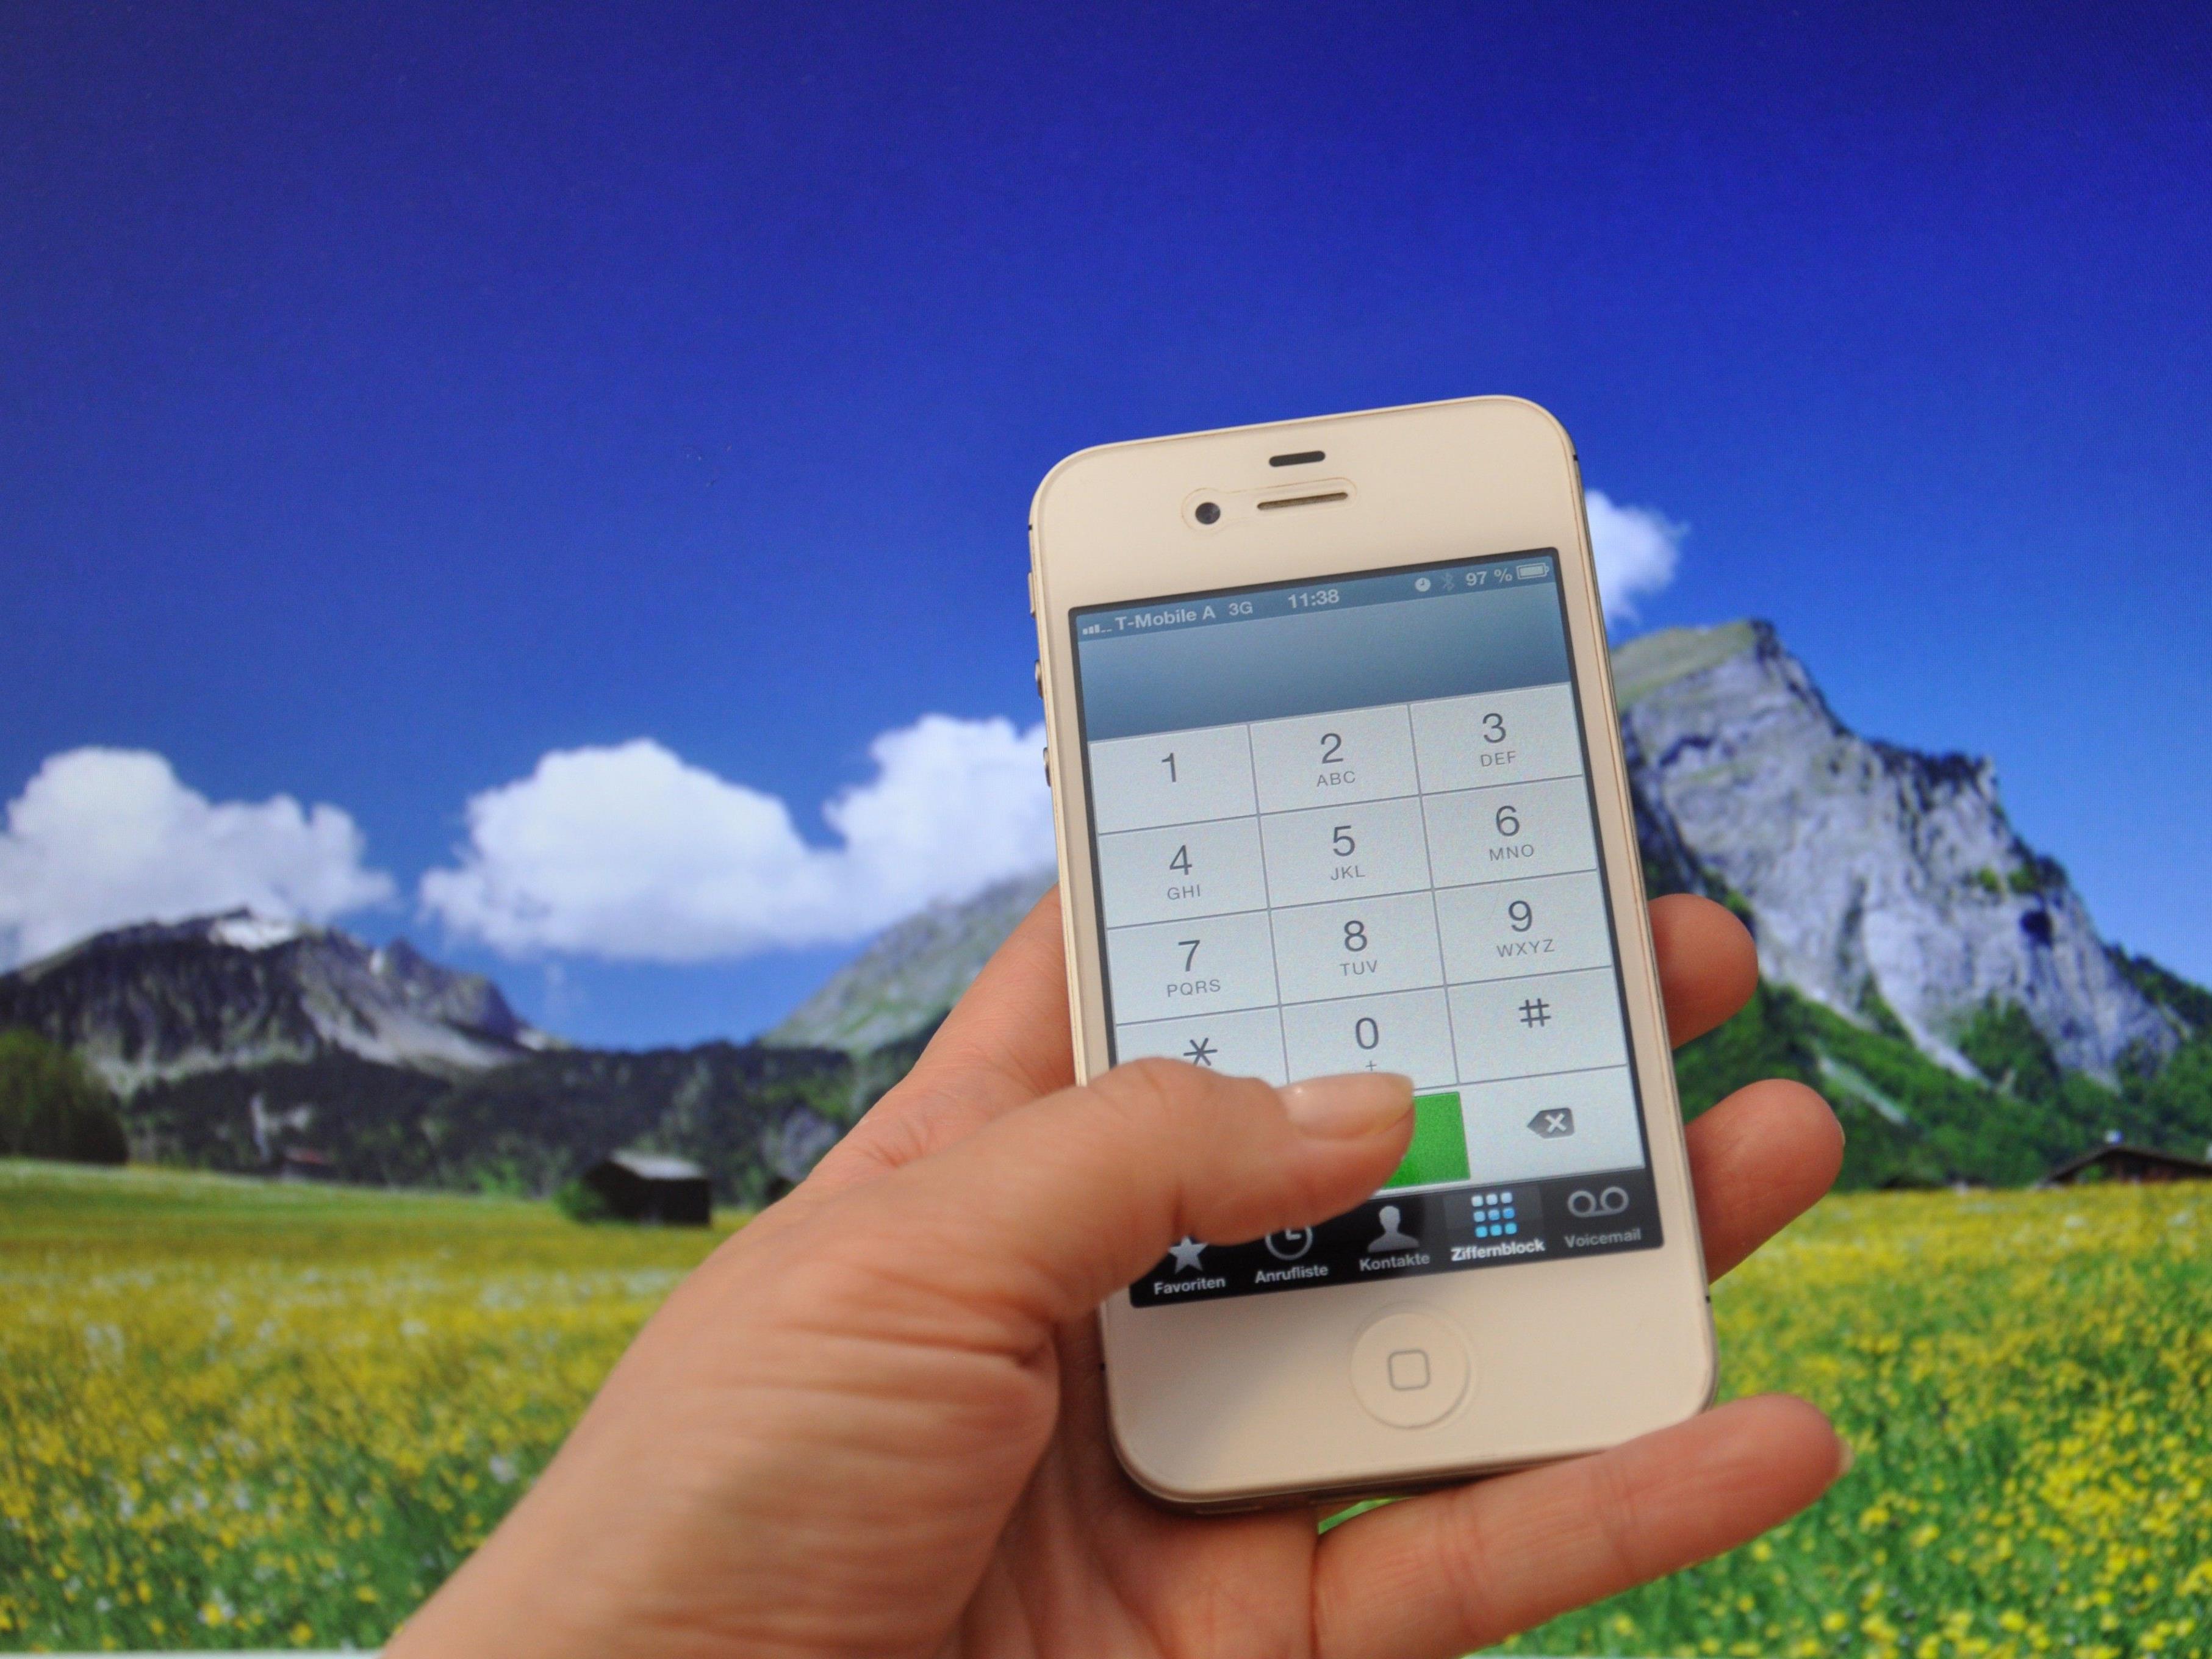 Bei Touren in alpinem Gelände sollte man immer auf einen voll geladenen Handy-Akku achten.